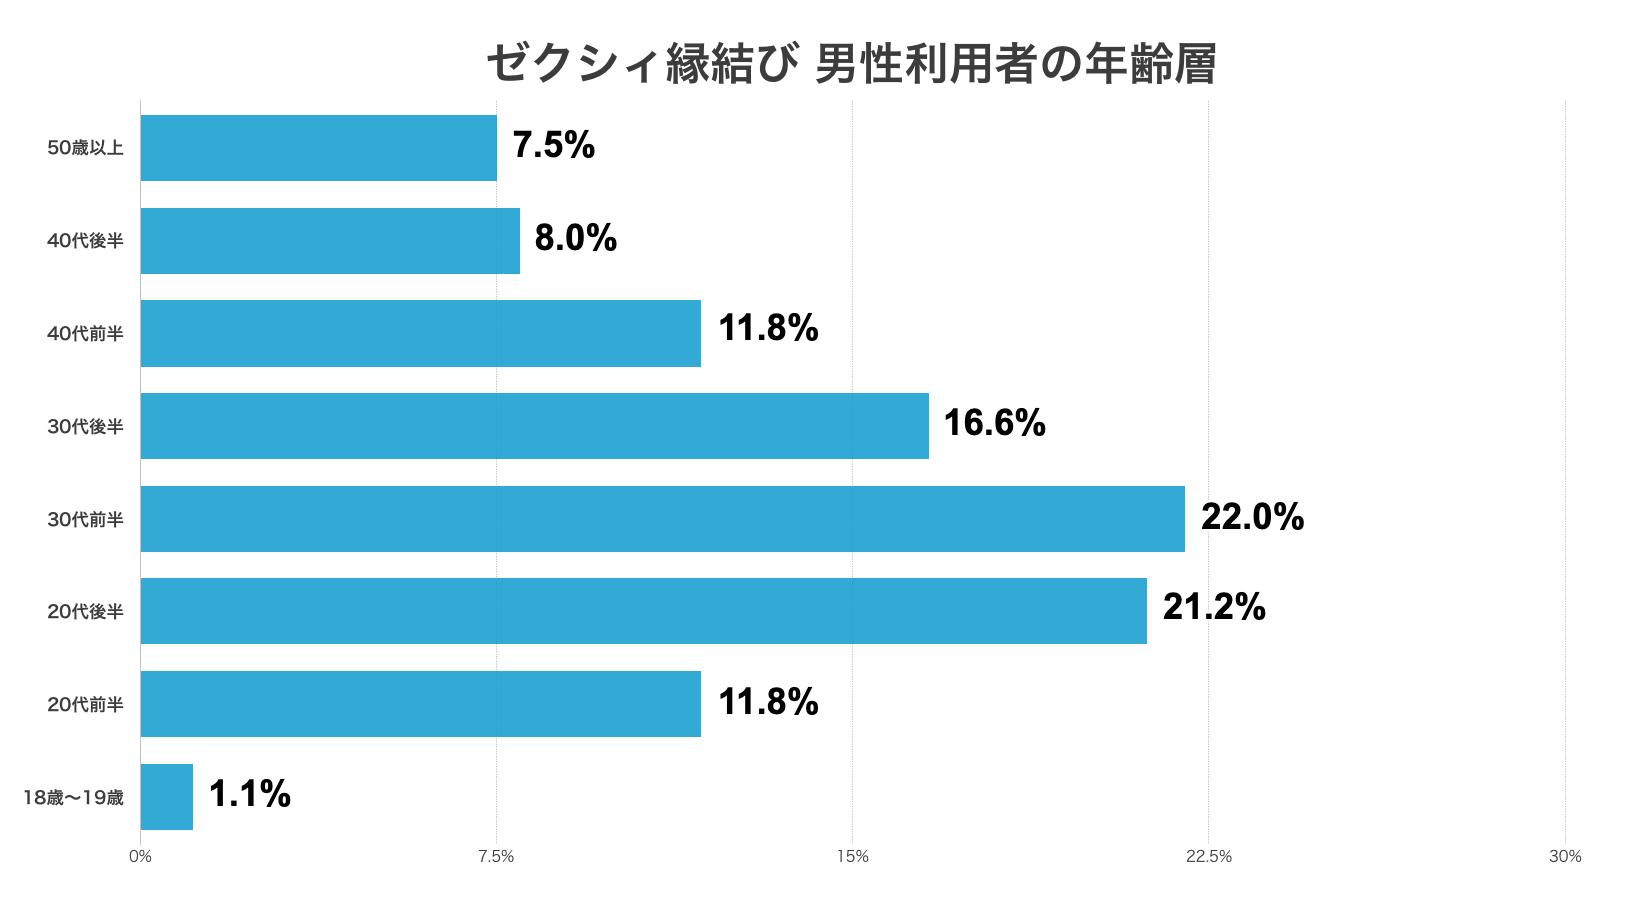 ゼクシィ縁結び 男性利用者の年齢層割合